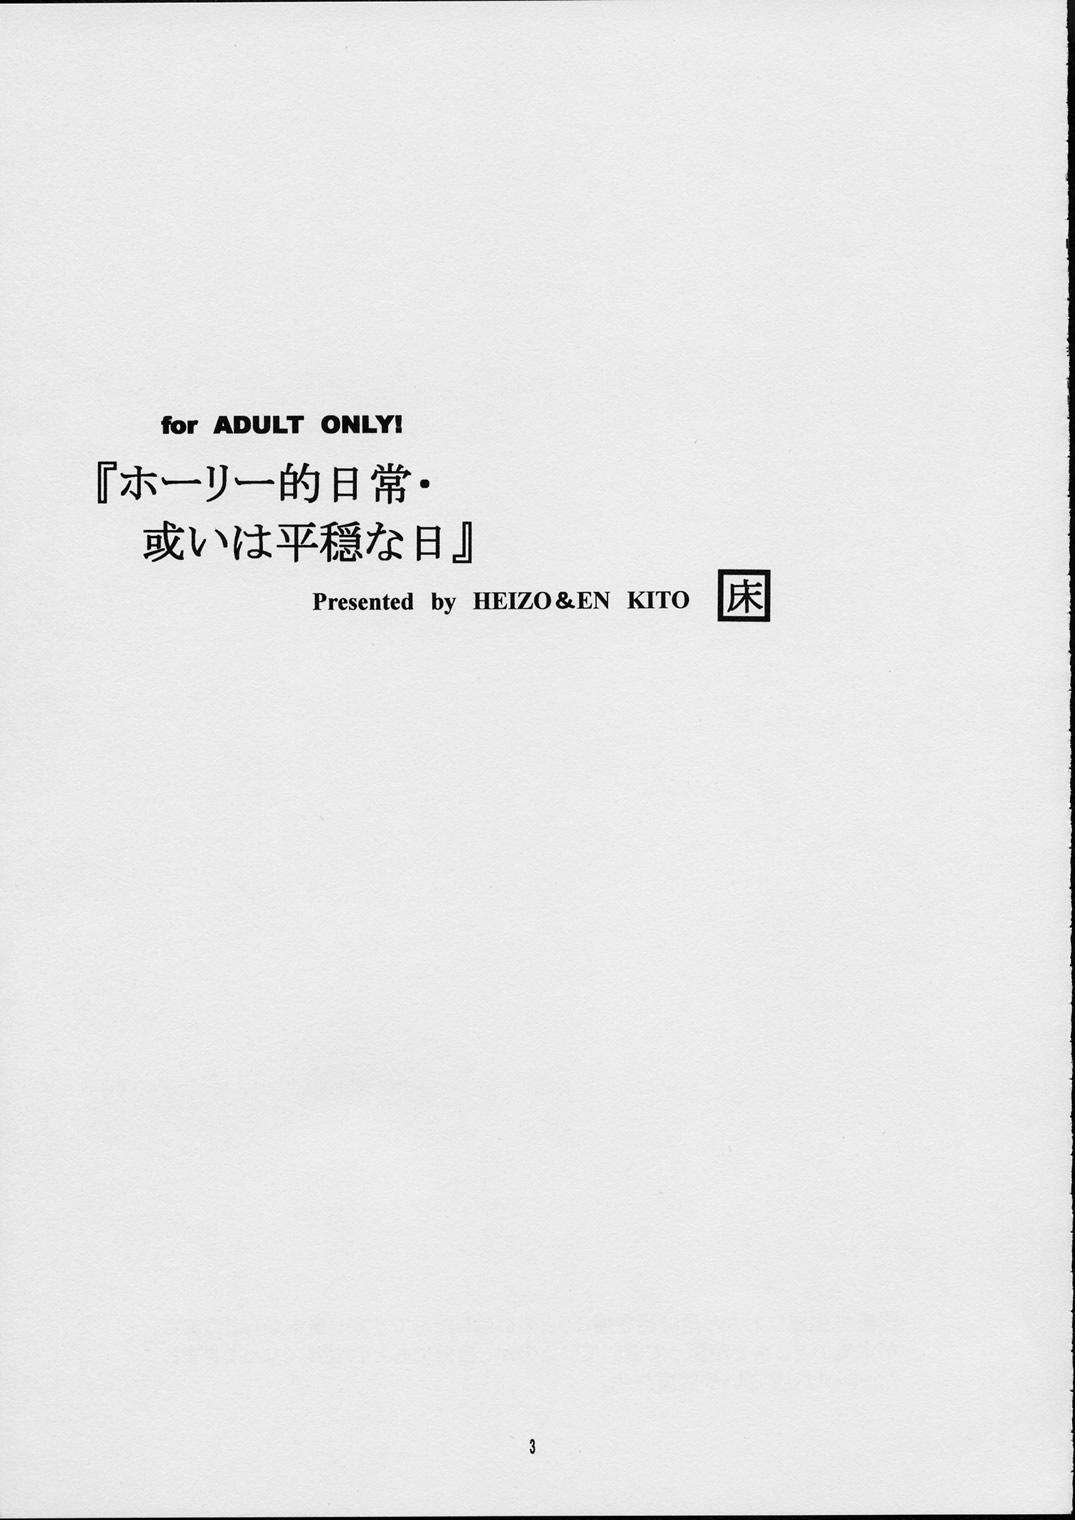 Holy-teki Nichijou Aruiwa Heion na Hi 1